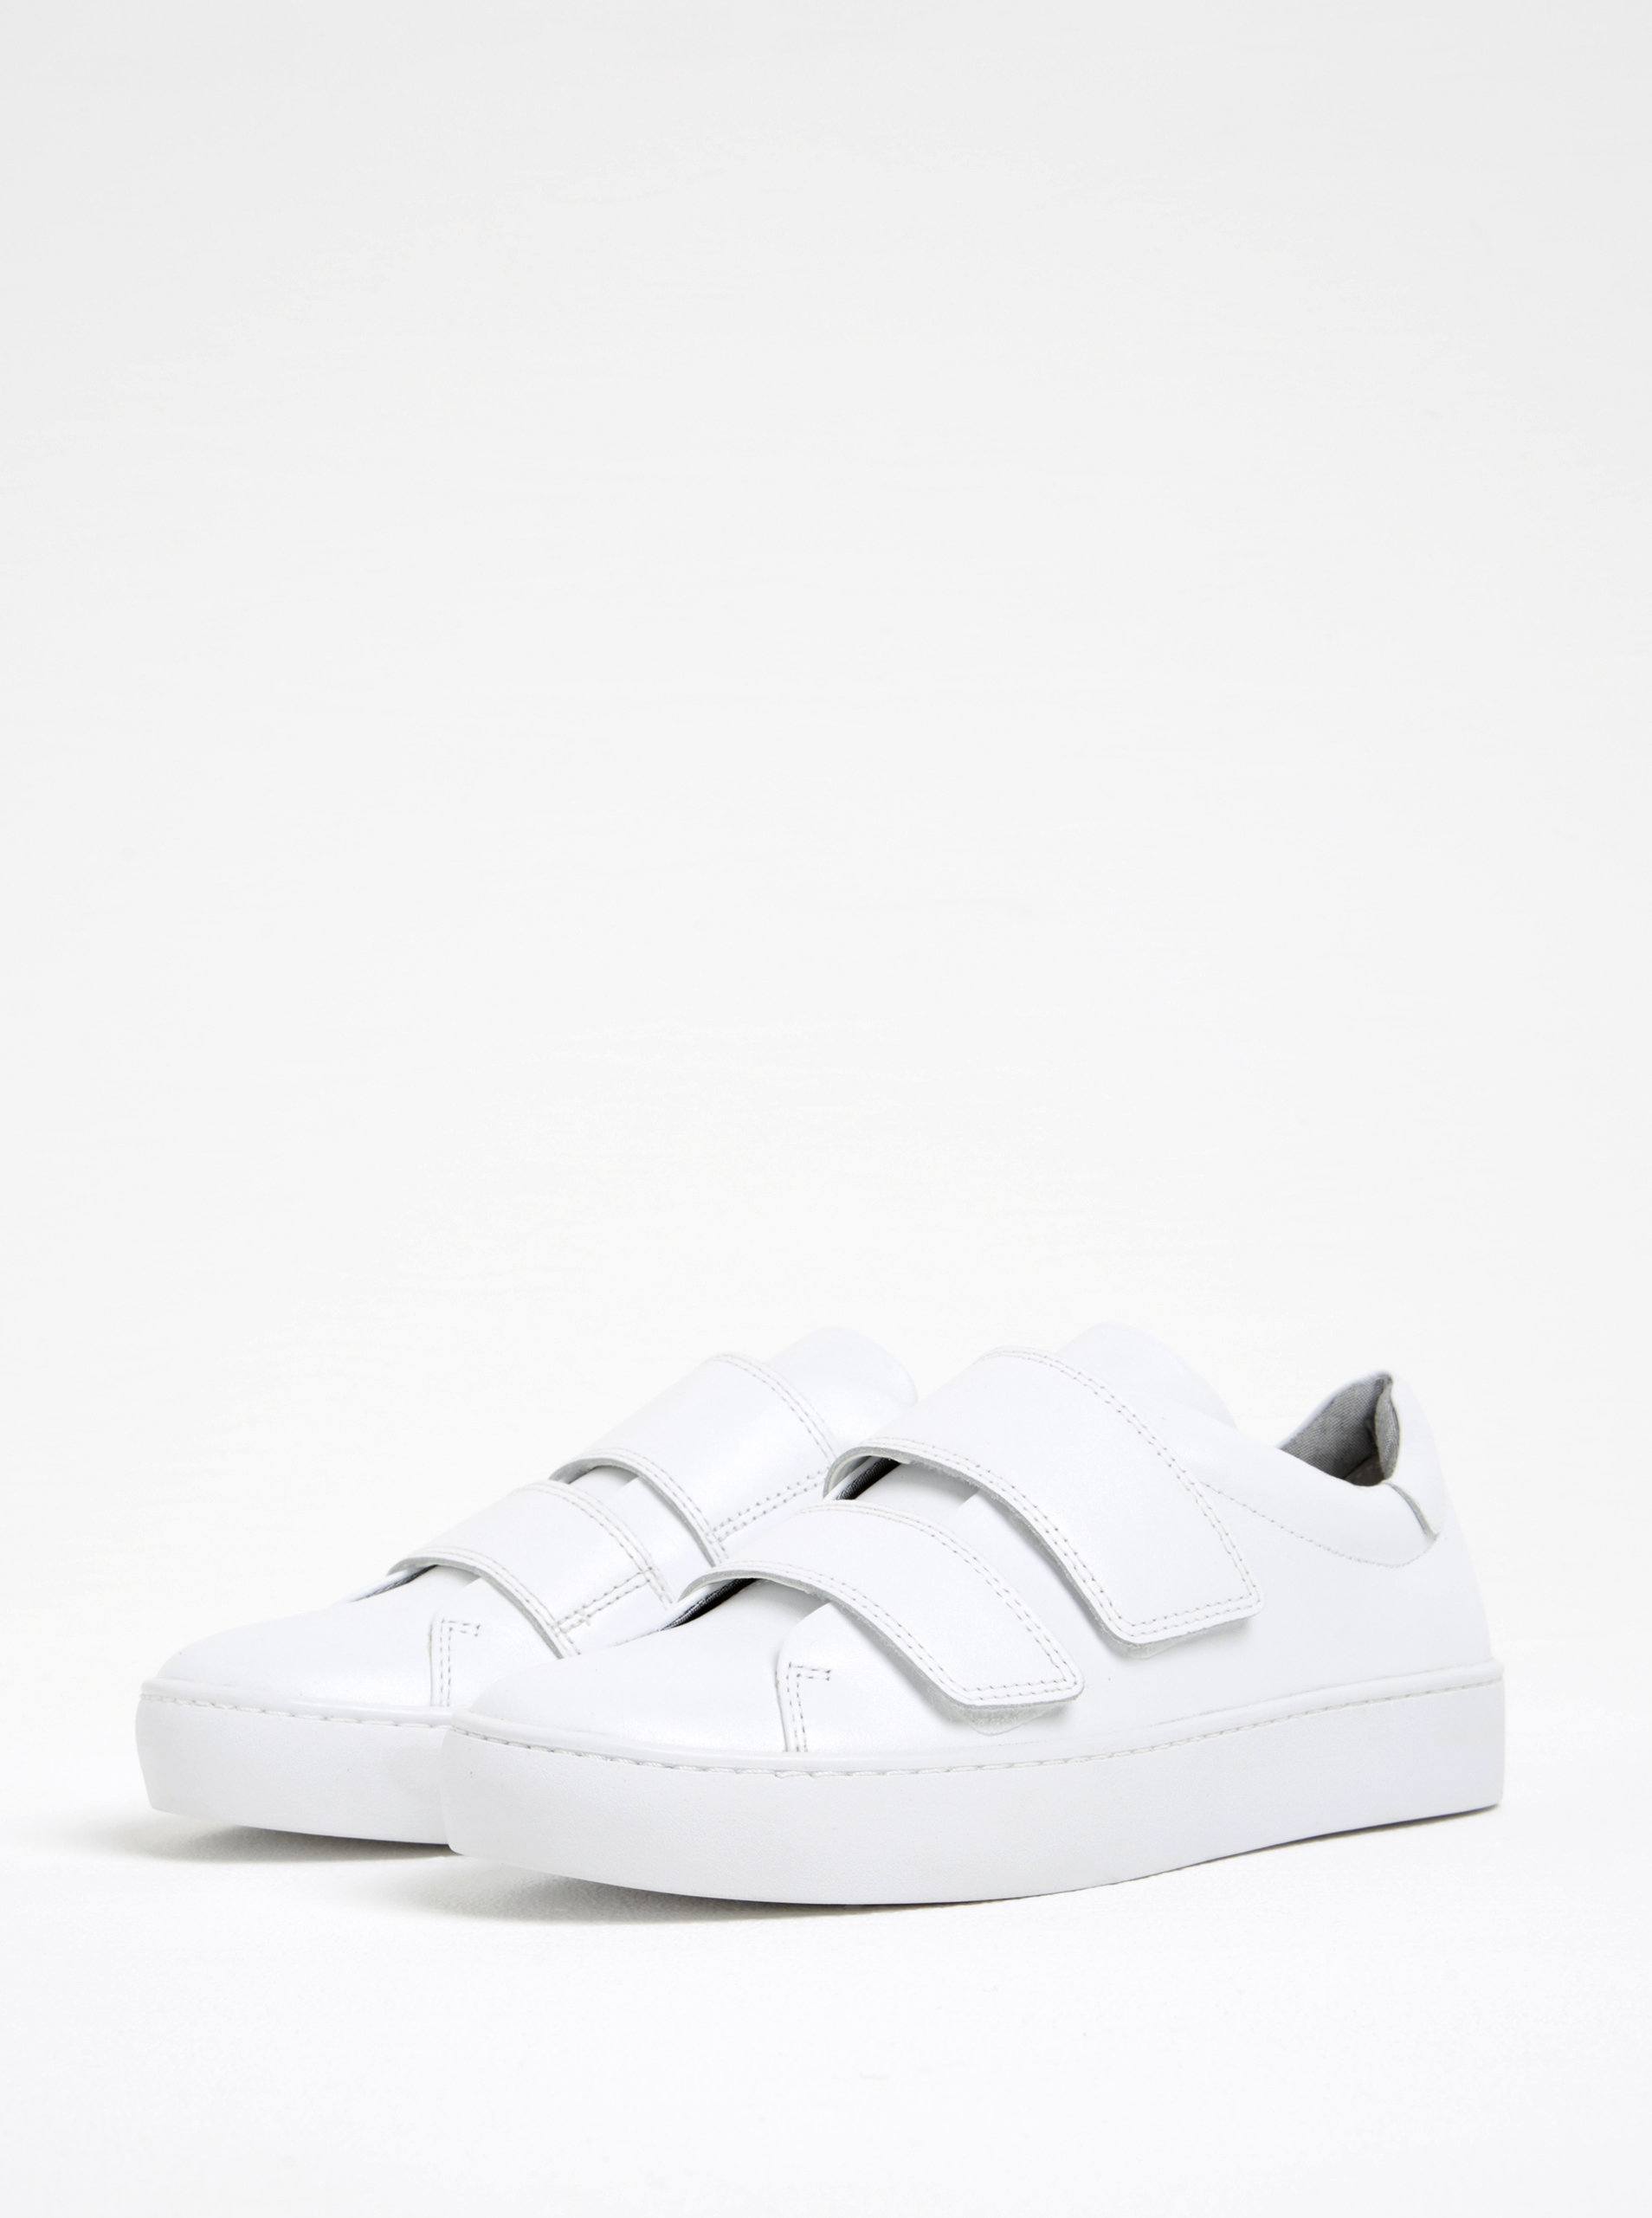 Biele dámske kožené tenisky na suchý zips Vagabond Zoe ... 3d5c520a338